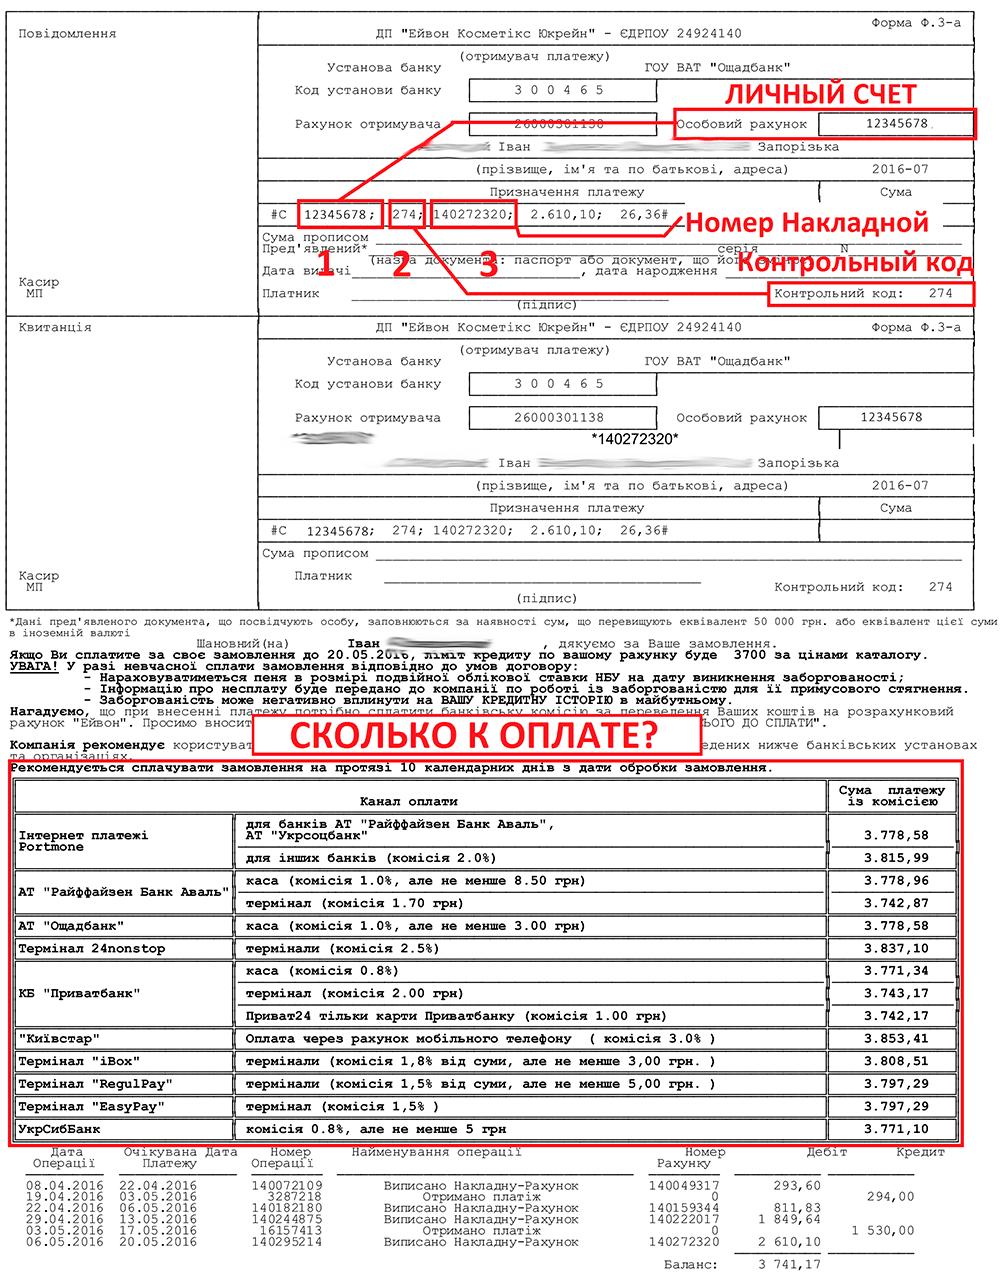 Отправка получение и оплата заказа avon Украина Инвойс Эйвон